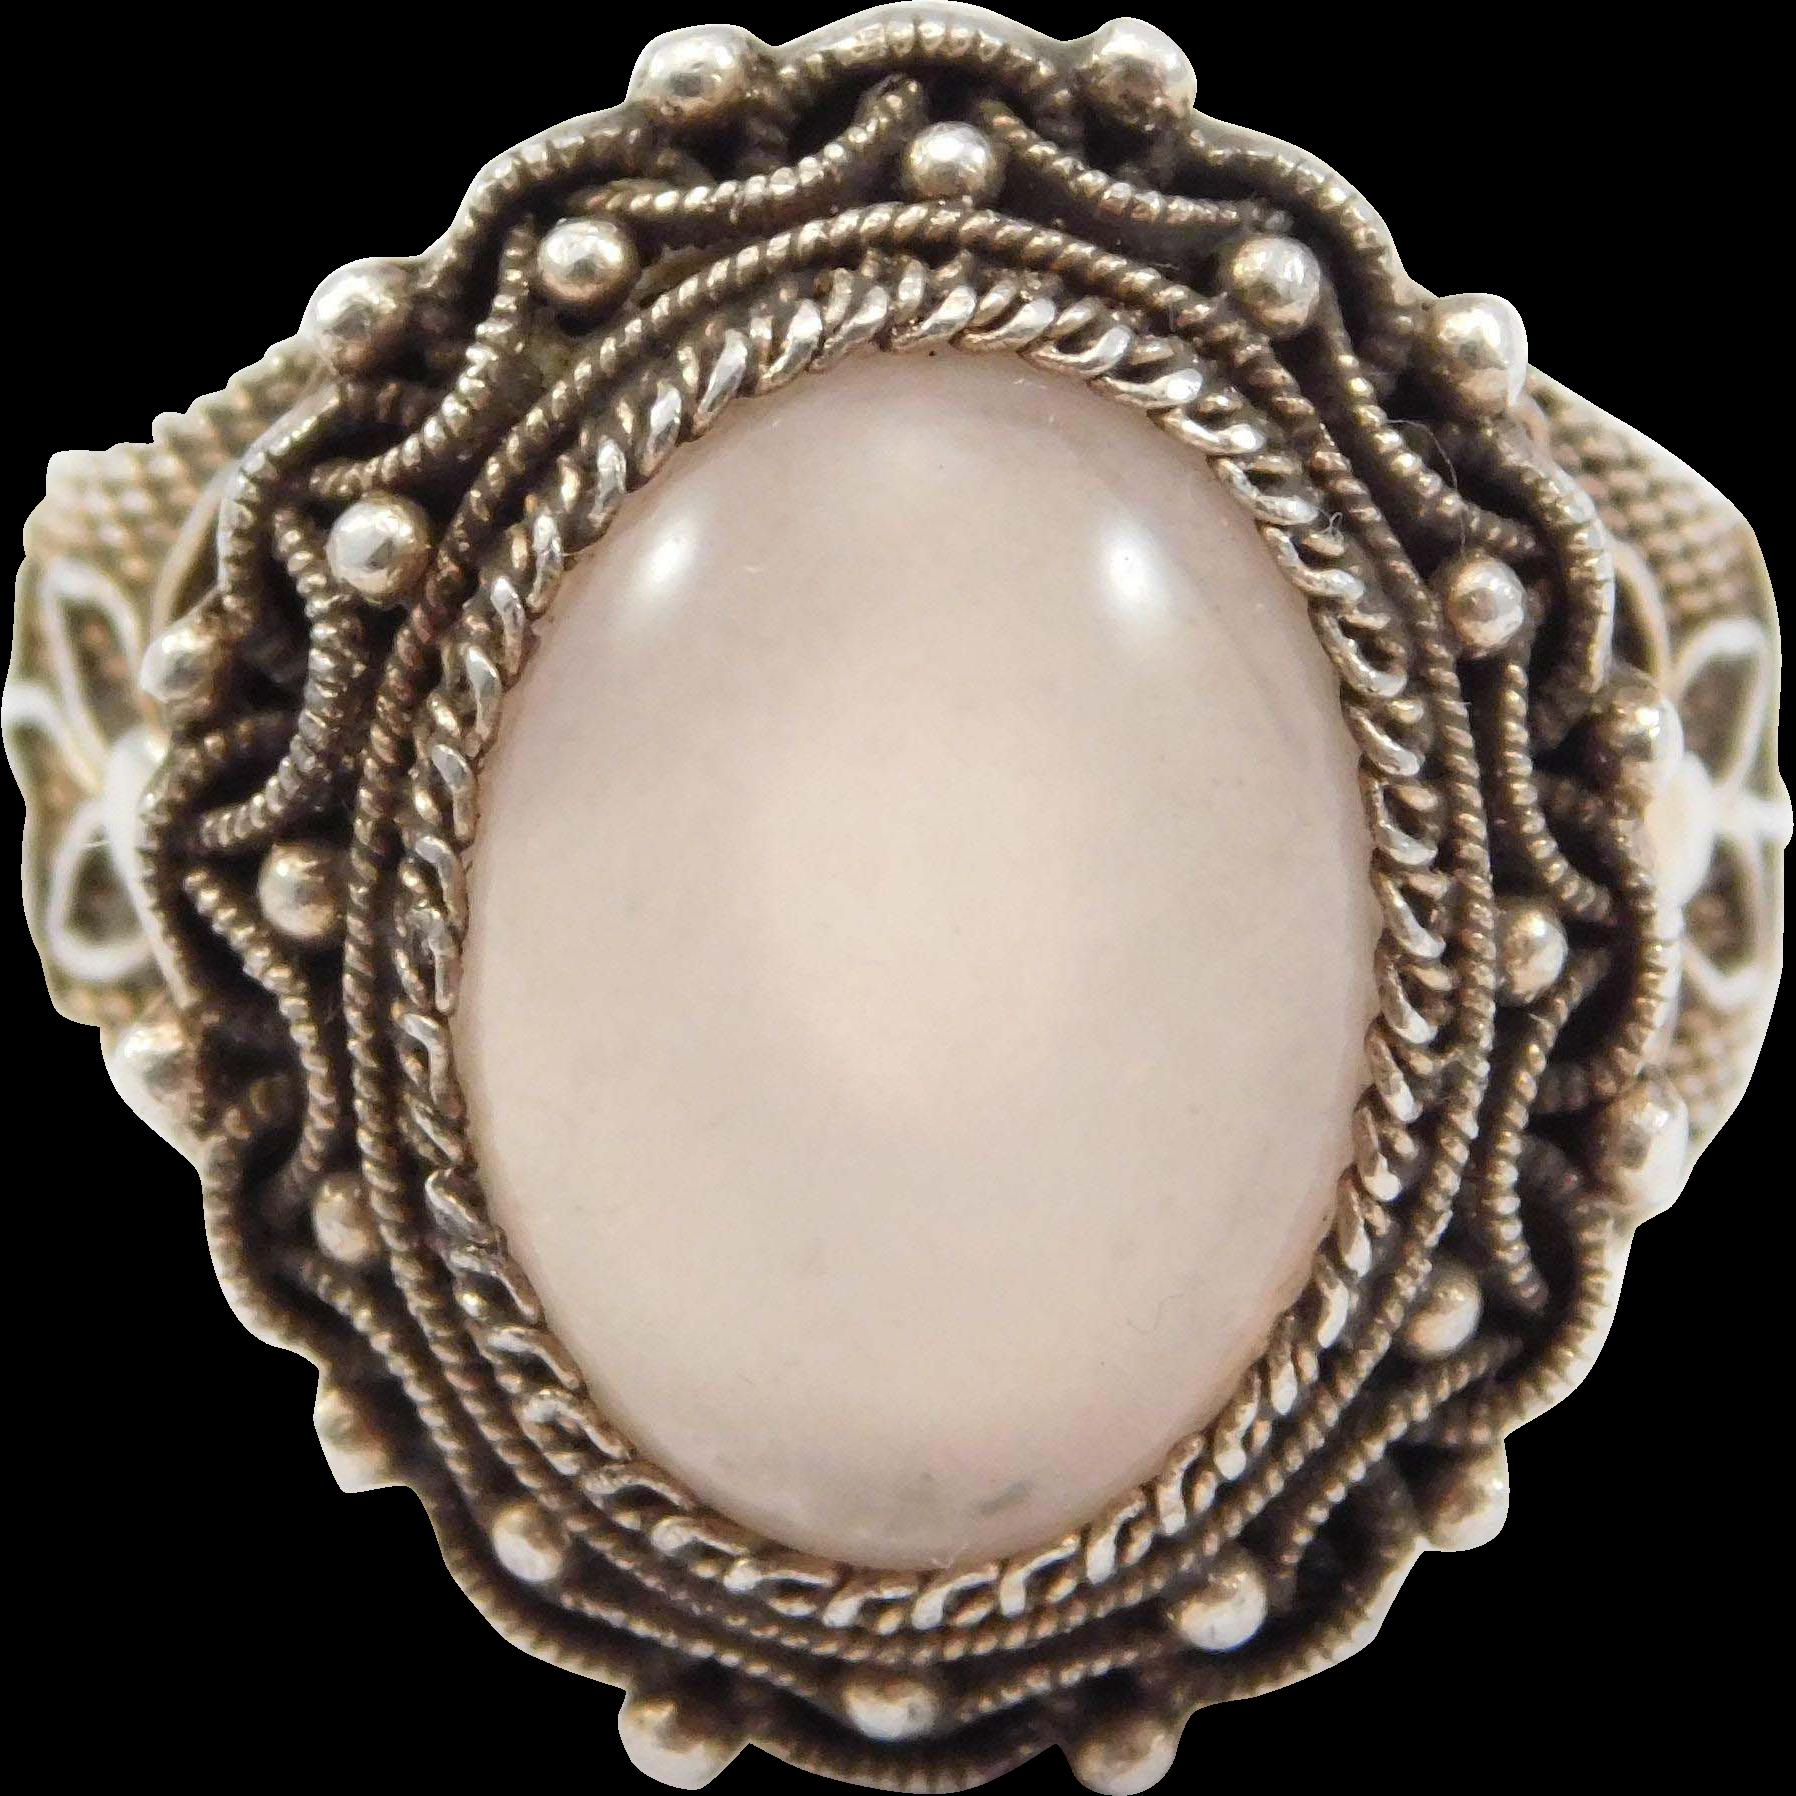 quartz silver filigree ring pretty from